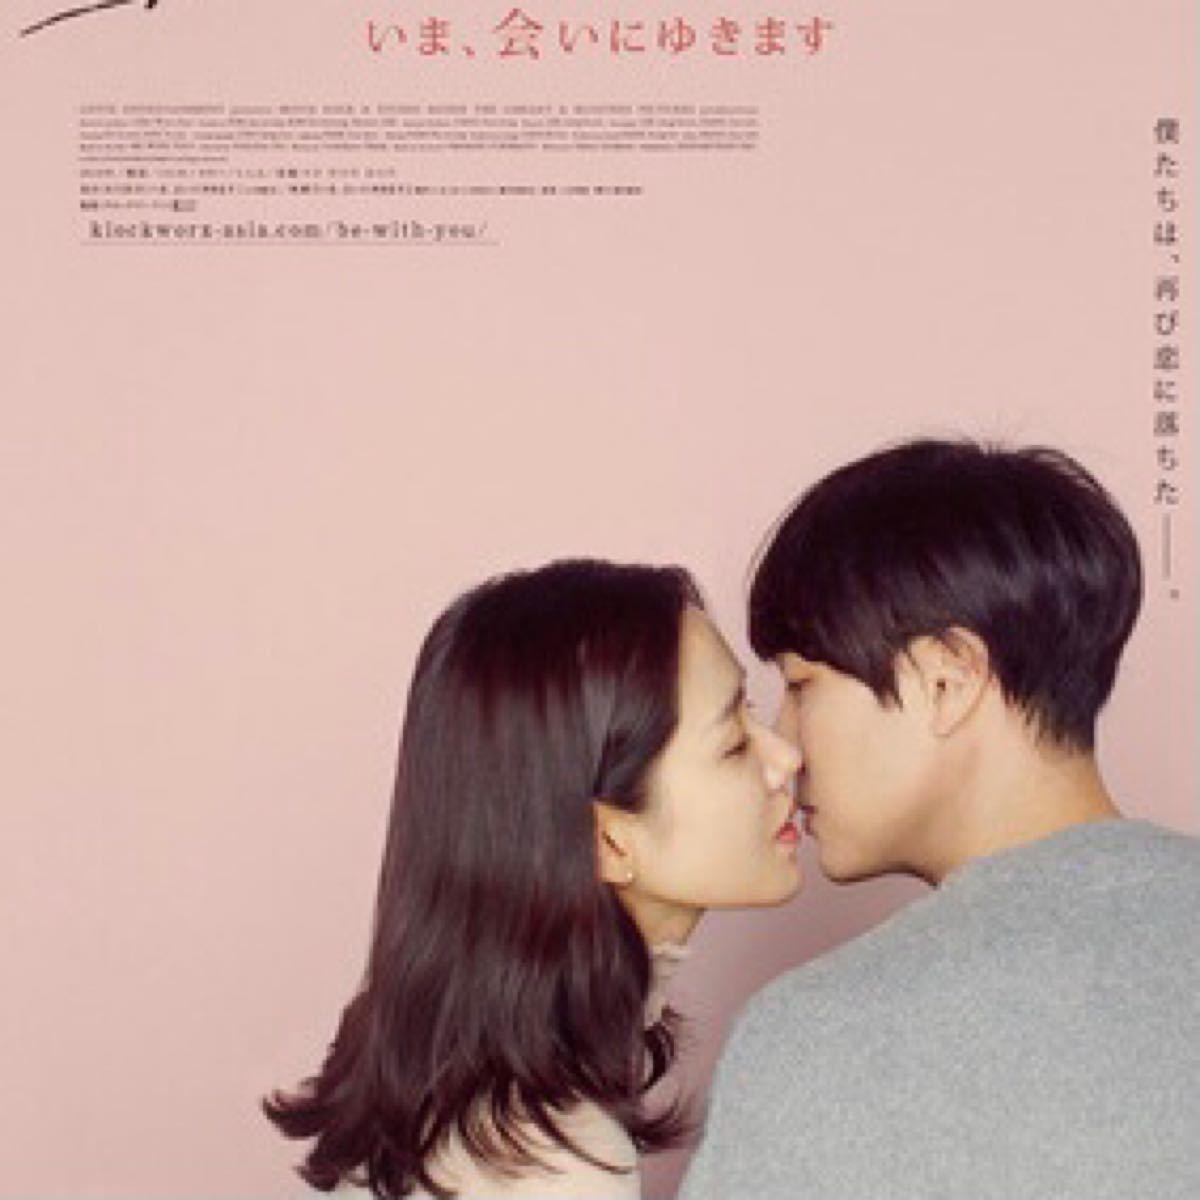 韓国映画  いま会いにゆきます  ソン・イェジン  ソ・ジソプ  DVD  日本語吹替有り  レーベル有り